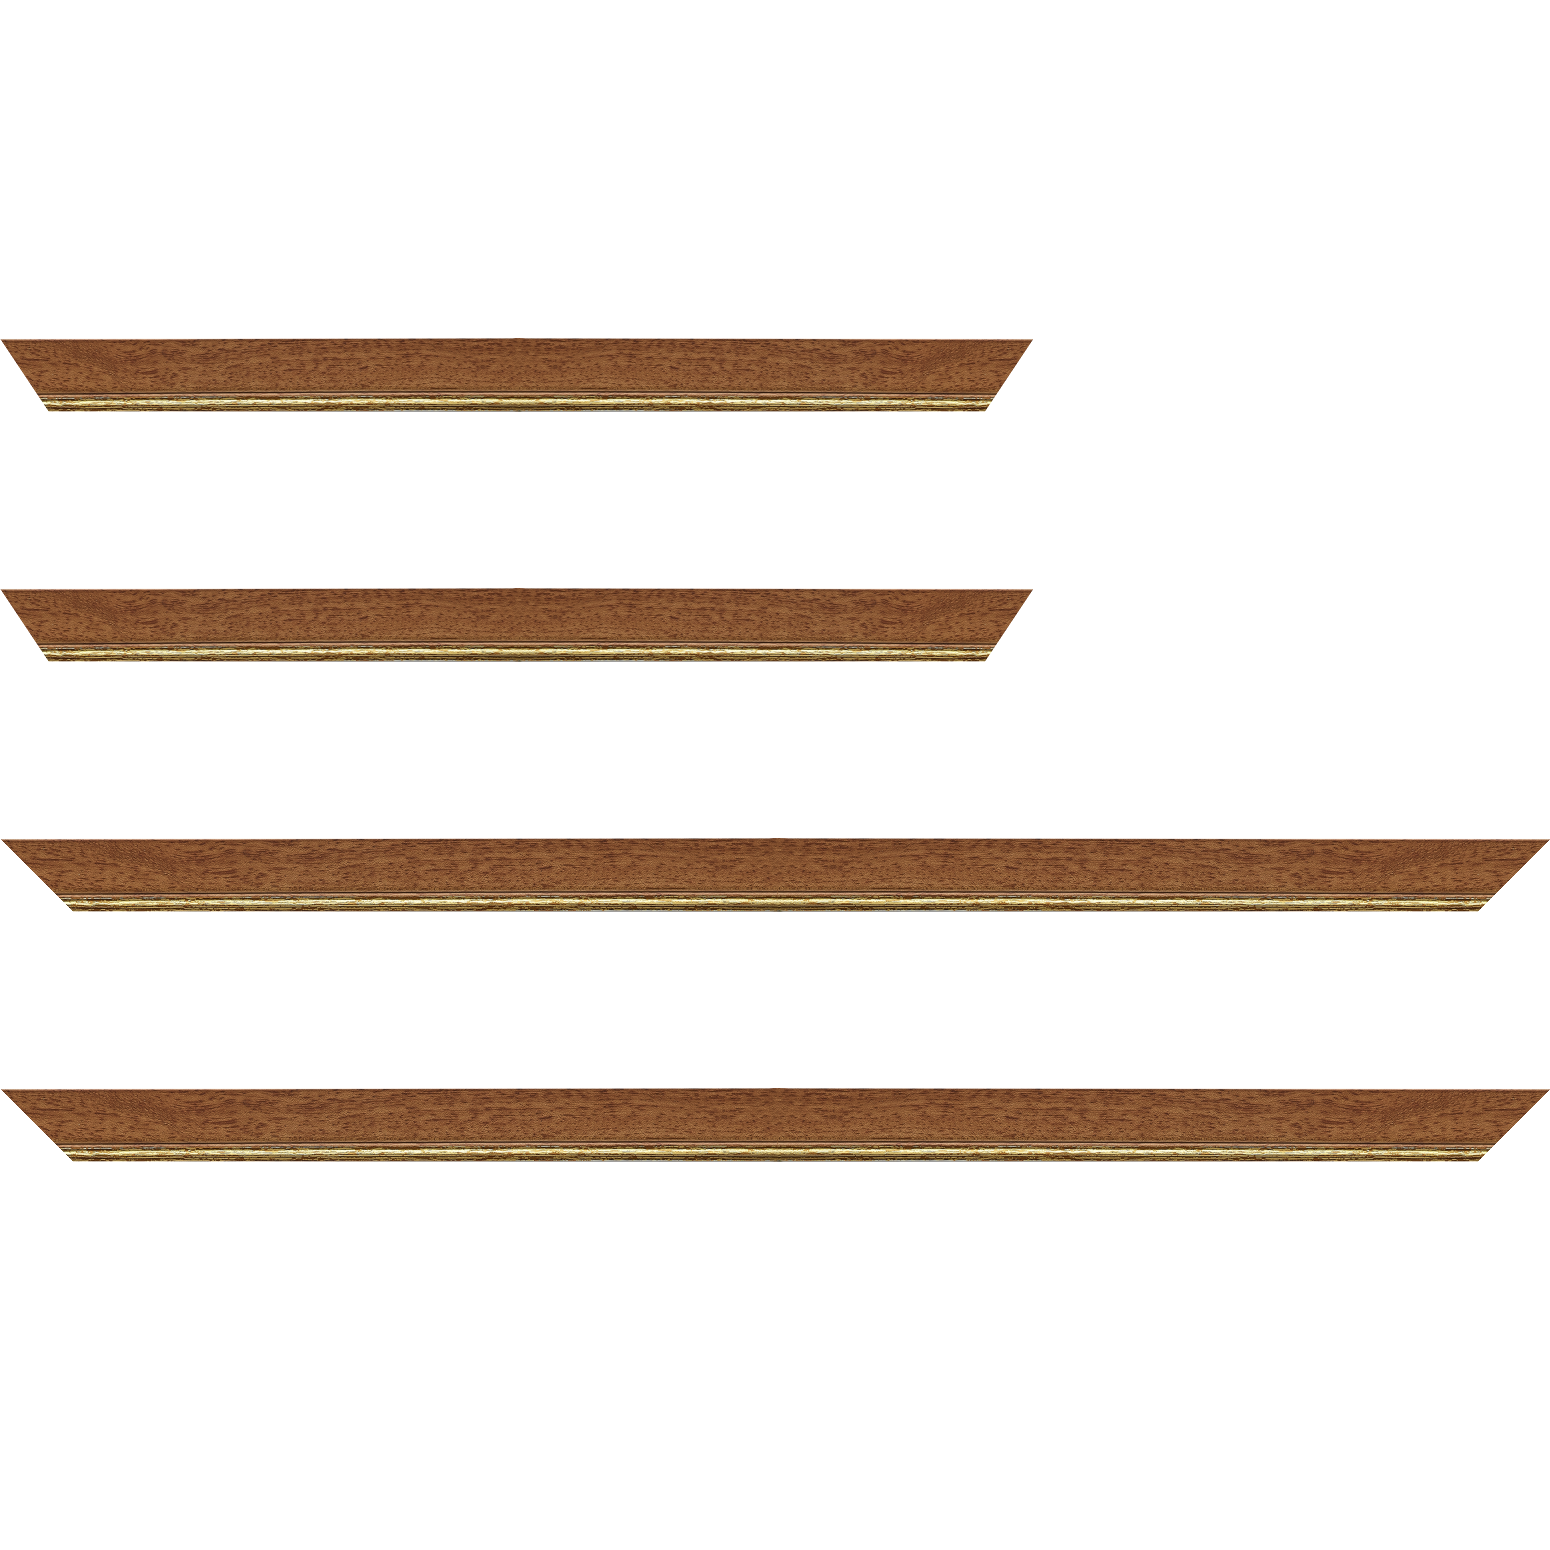 Baguette service précoupé Bois profil plat largeur 2.5cm couleur marron ton bois filet or